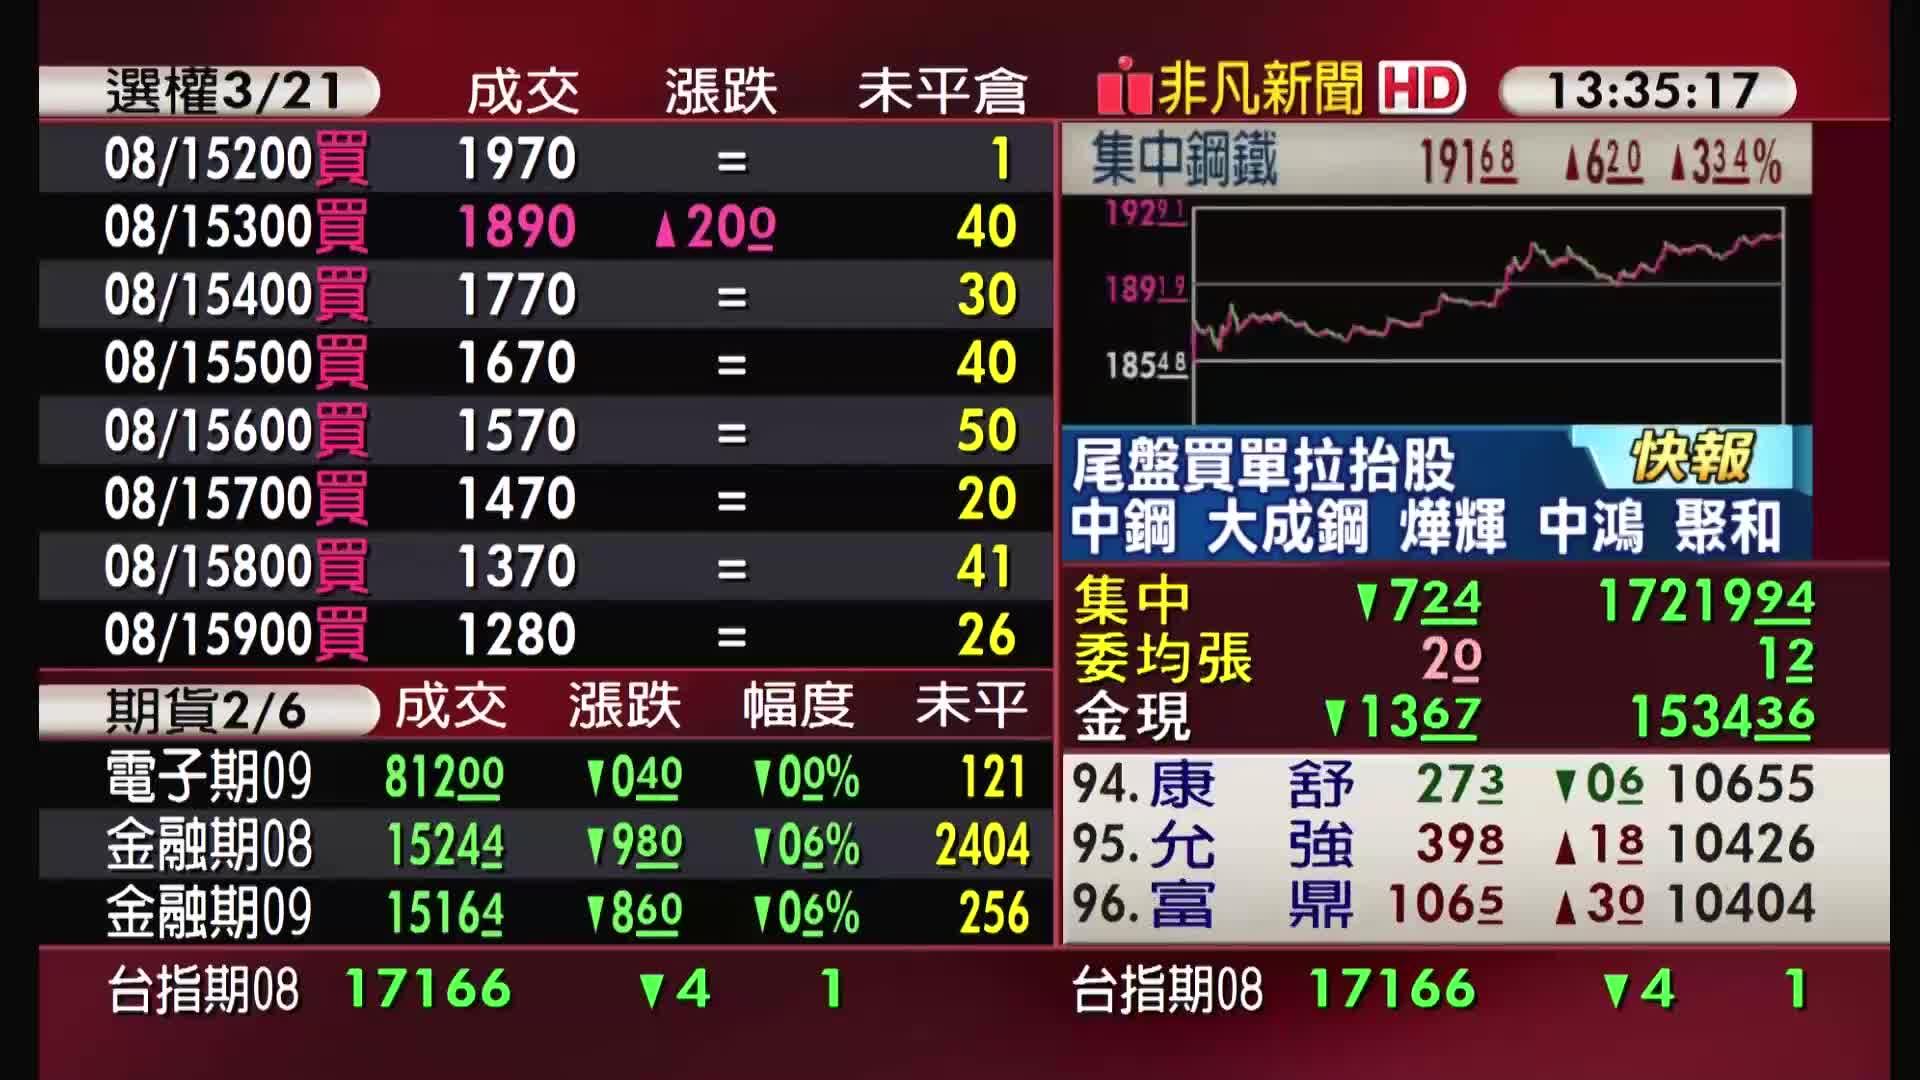 5分鐘看台股/2021/08/12收盤最前線